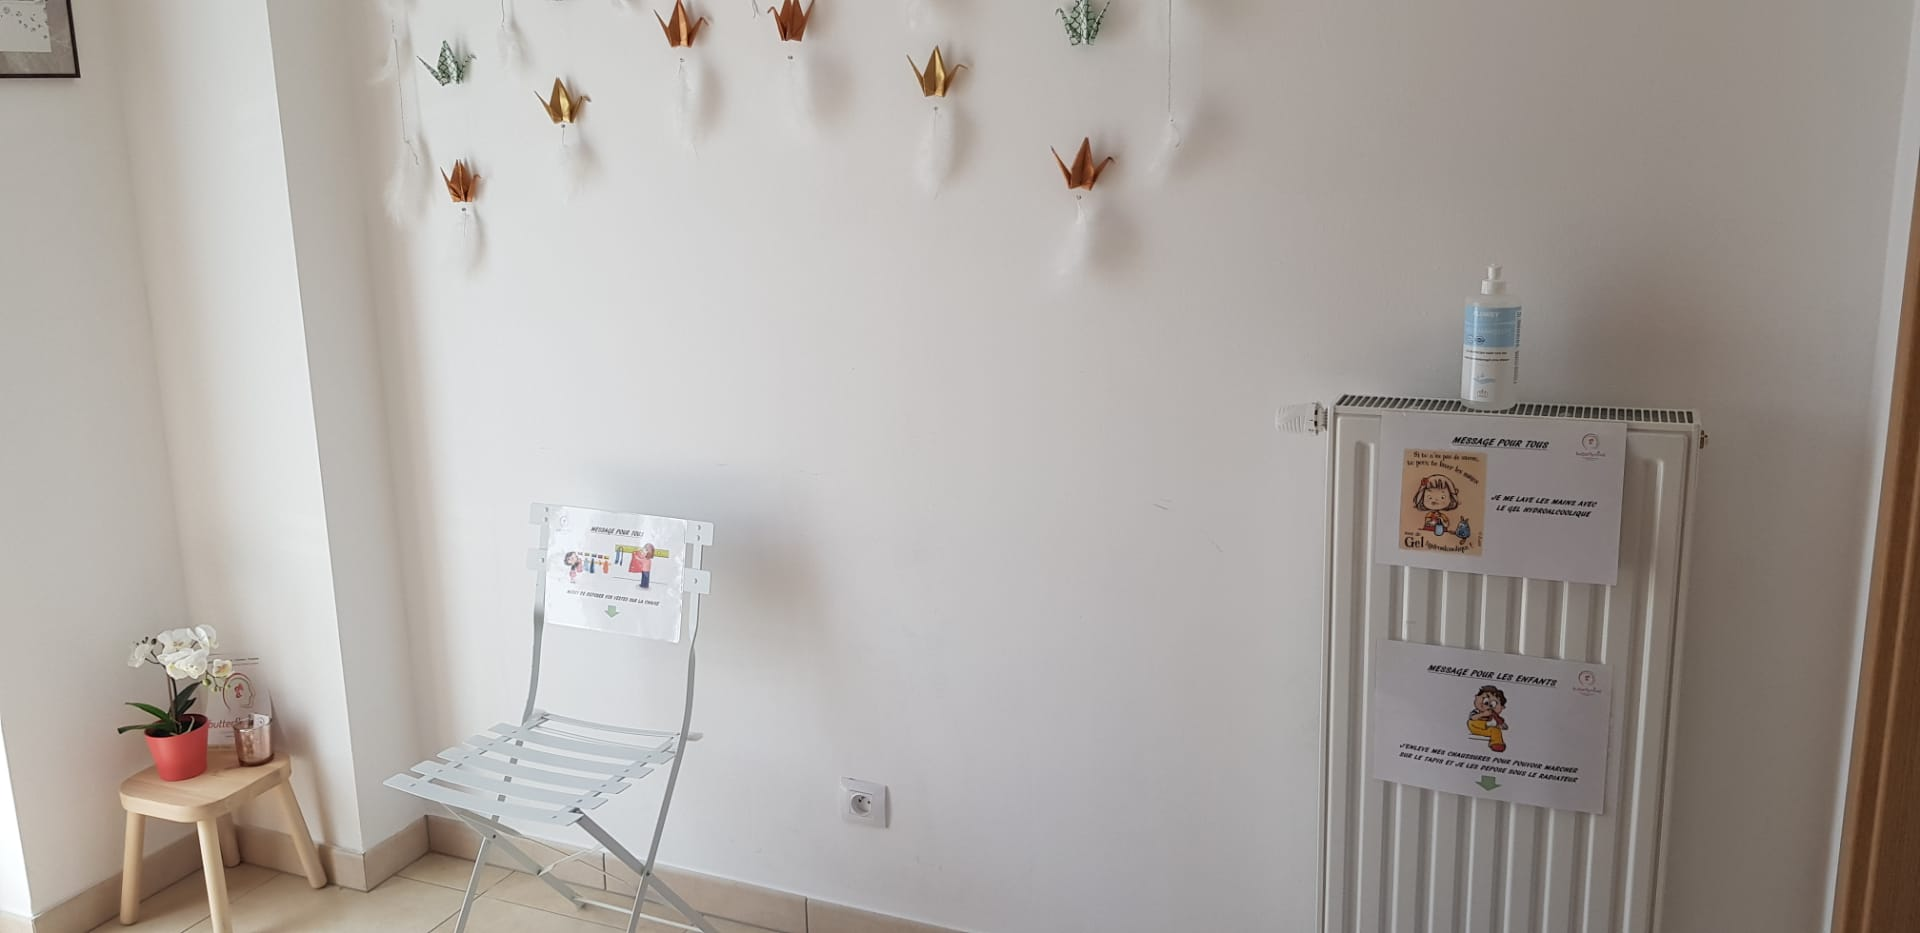 Salle d'attente butterfly mind-mesure coronavirus